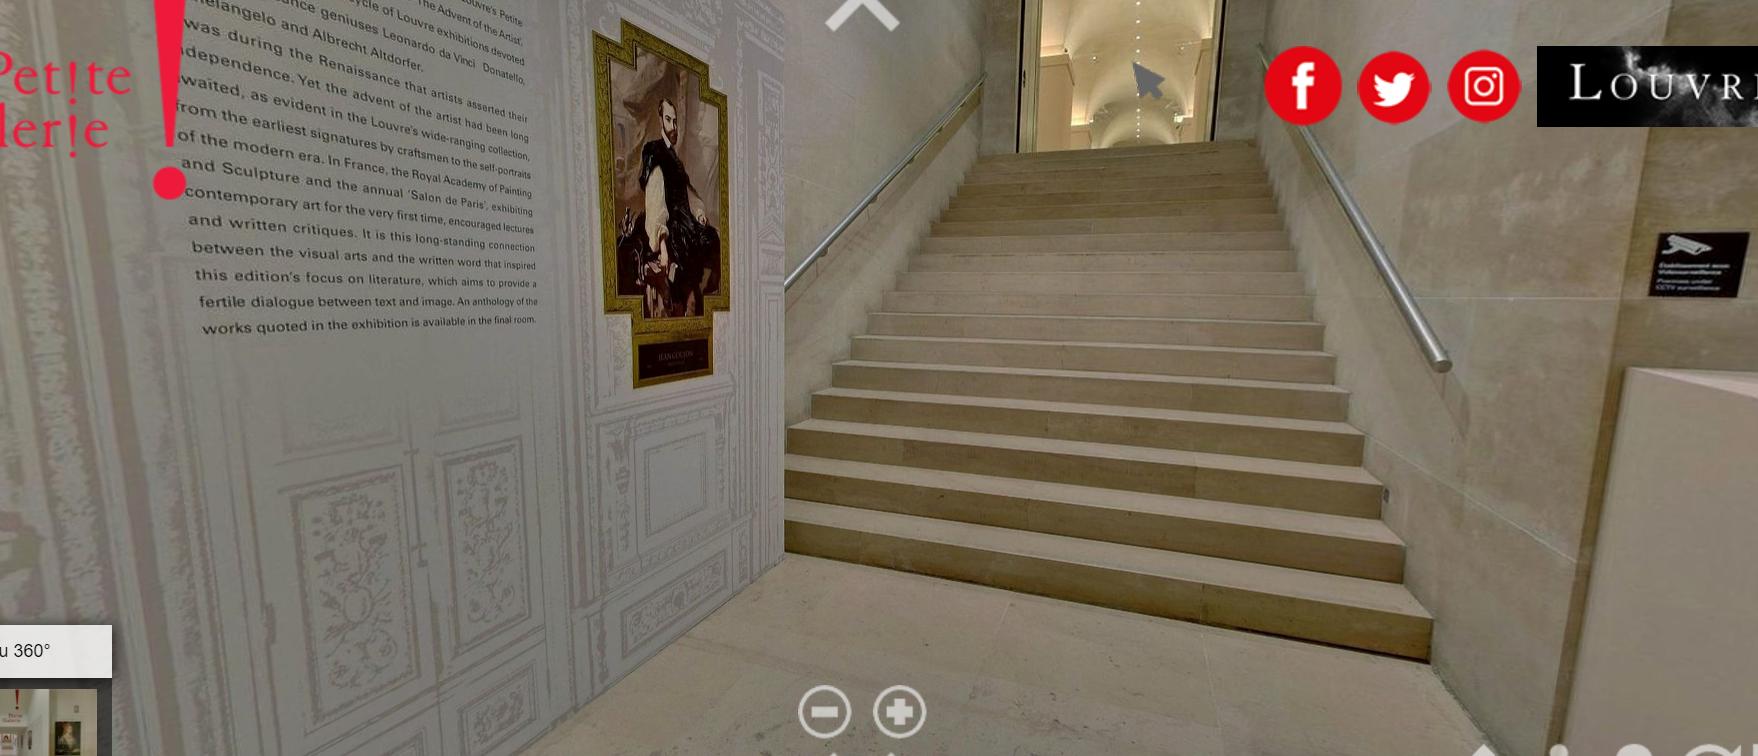 Le Louvre, fermé jusqu'à nouvel ordre en raison du coronavirus, met à disposition des internautes des visites virtuelles et de nombreuses vidéos éducatives.Dominique de Font-Réaulx, directrice de la médiation et de la programmation culturelle du Lou